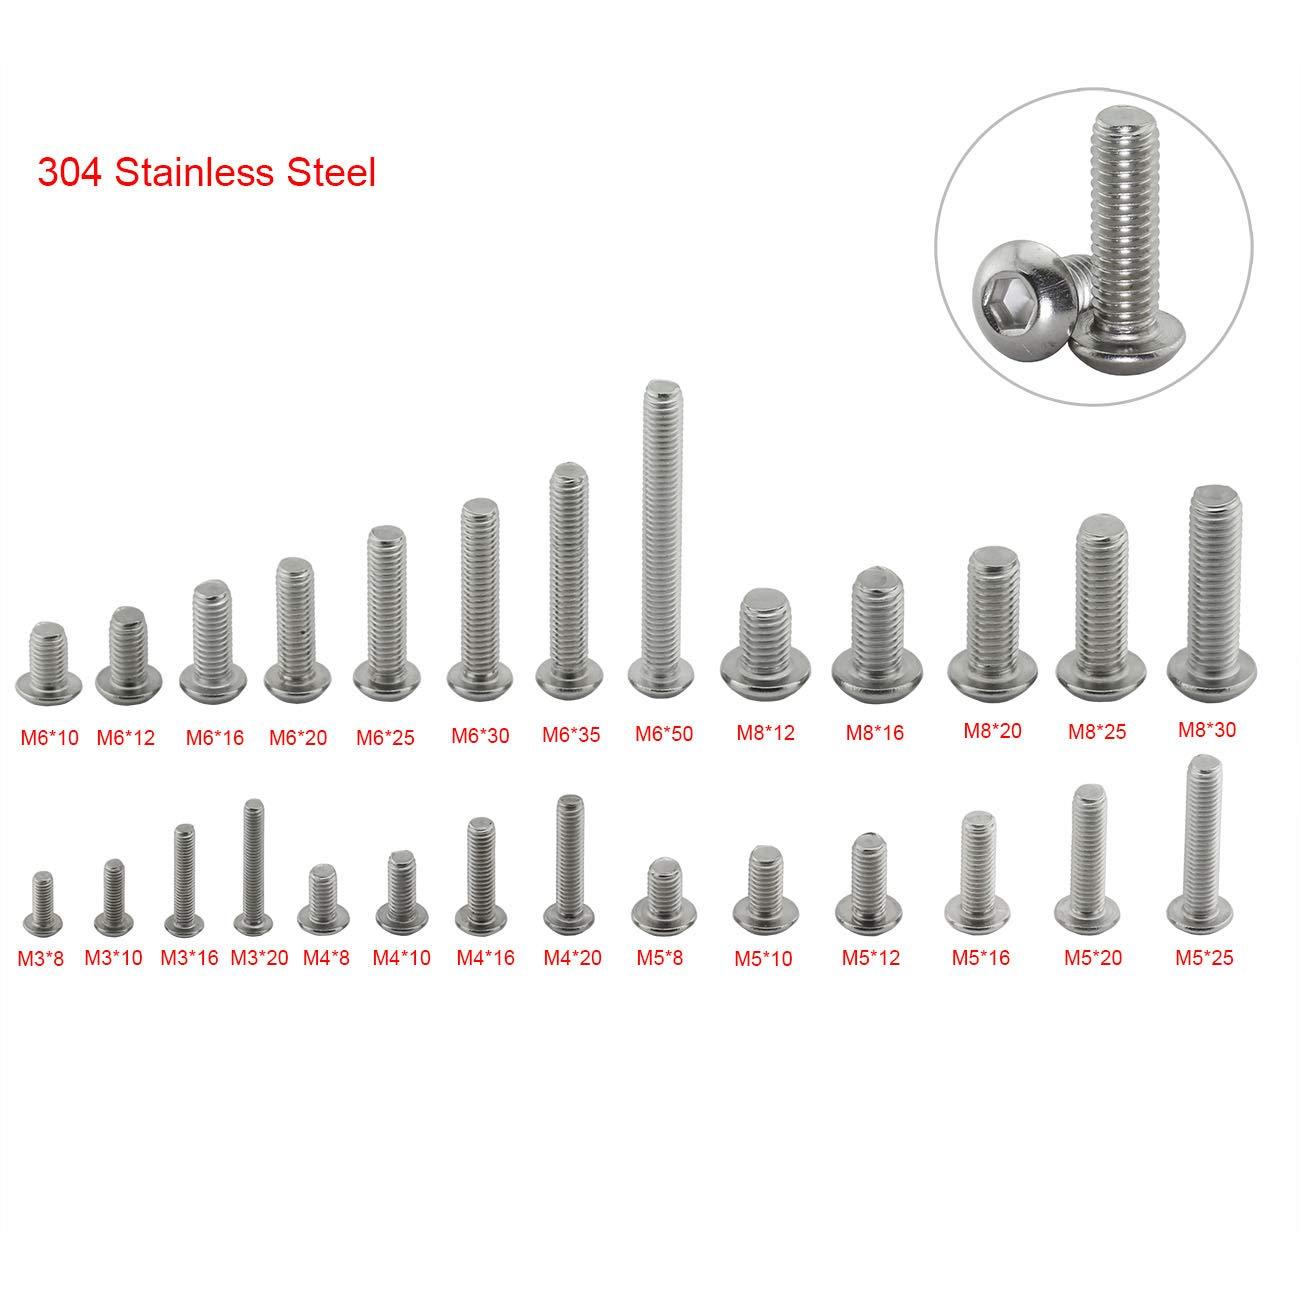 PZRT 20pcs M8 x 30mm Button Head Socket Cap Screws,304 Stainless Steel Allen Hex Button Head Screws